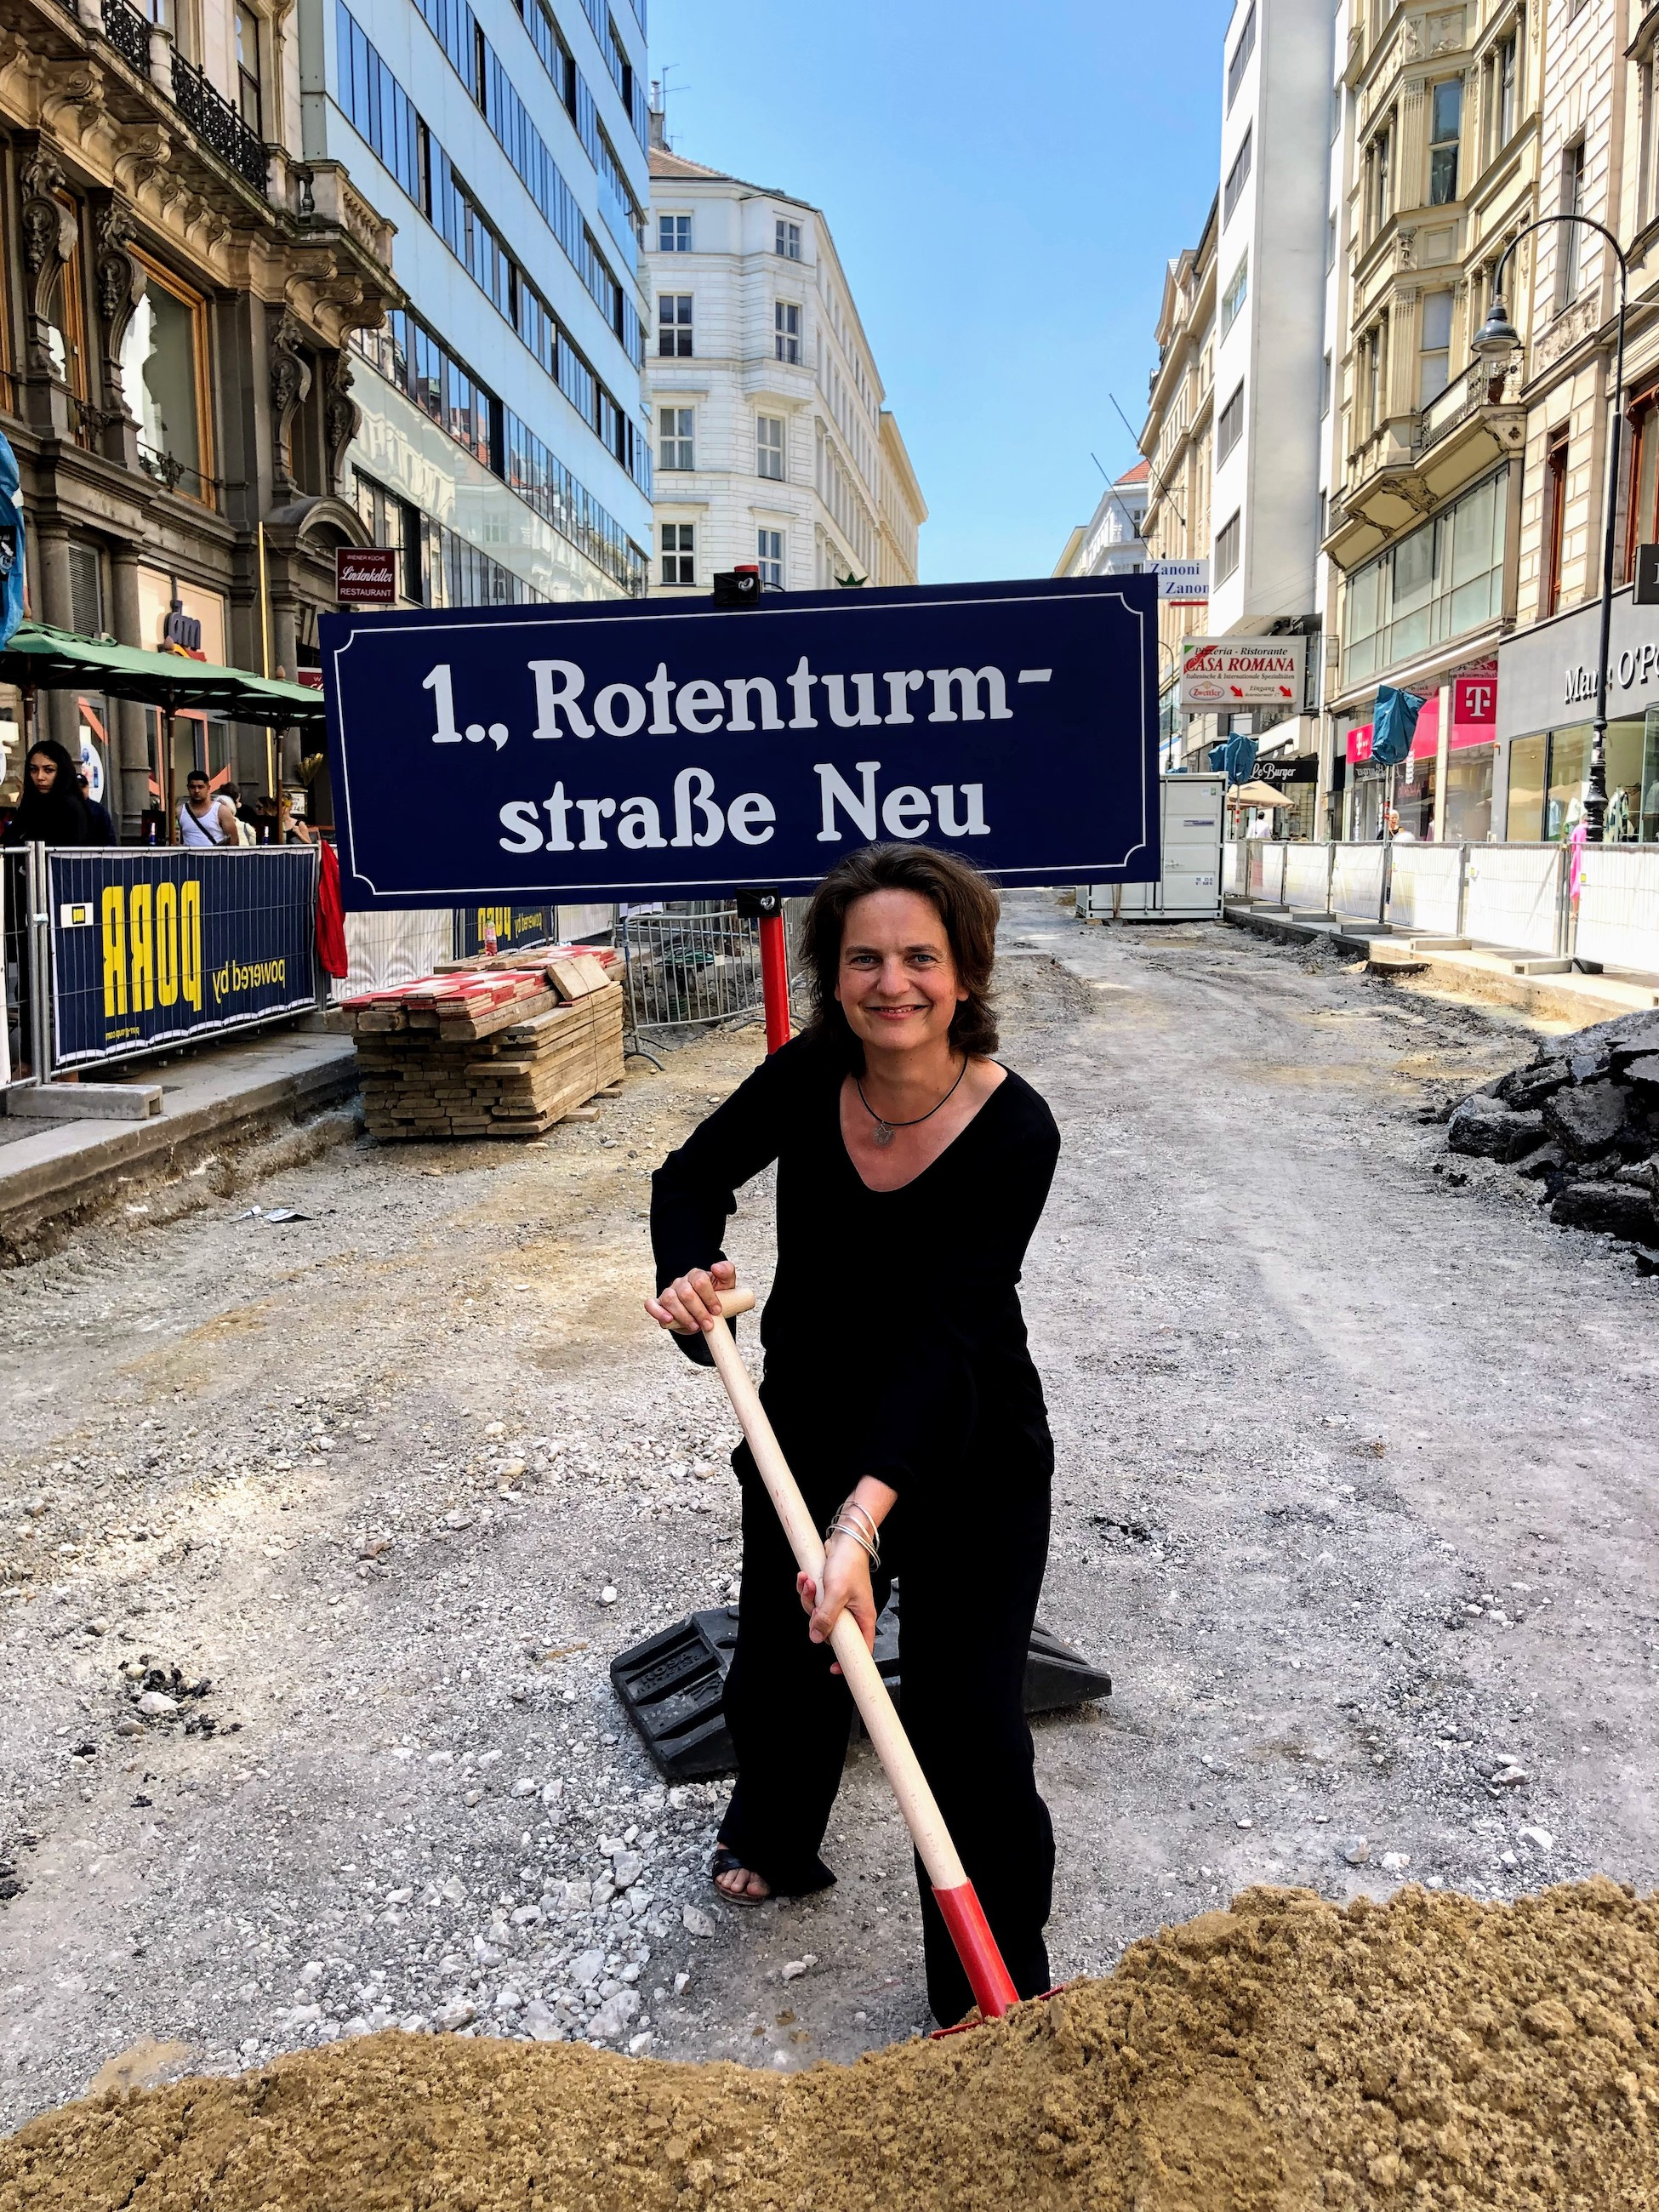 FußgängerInnen-Beauftragte Petra Jens beim Spatenstich auf der Rotenturmstraße.